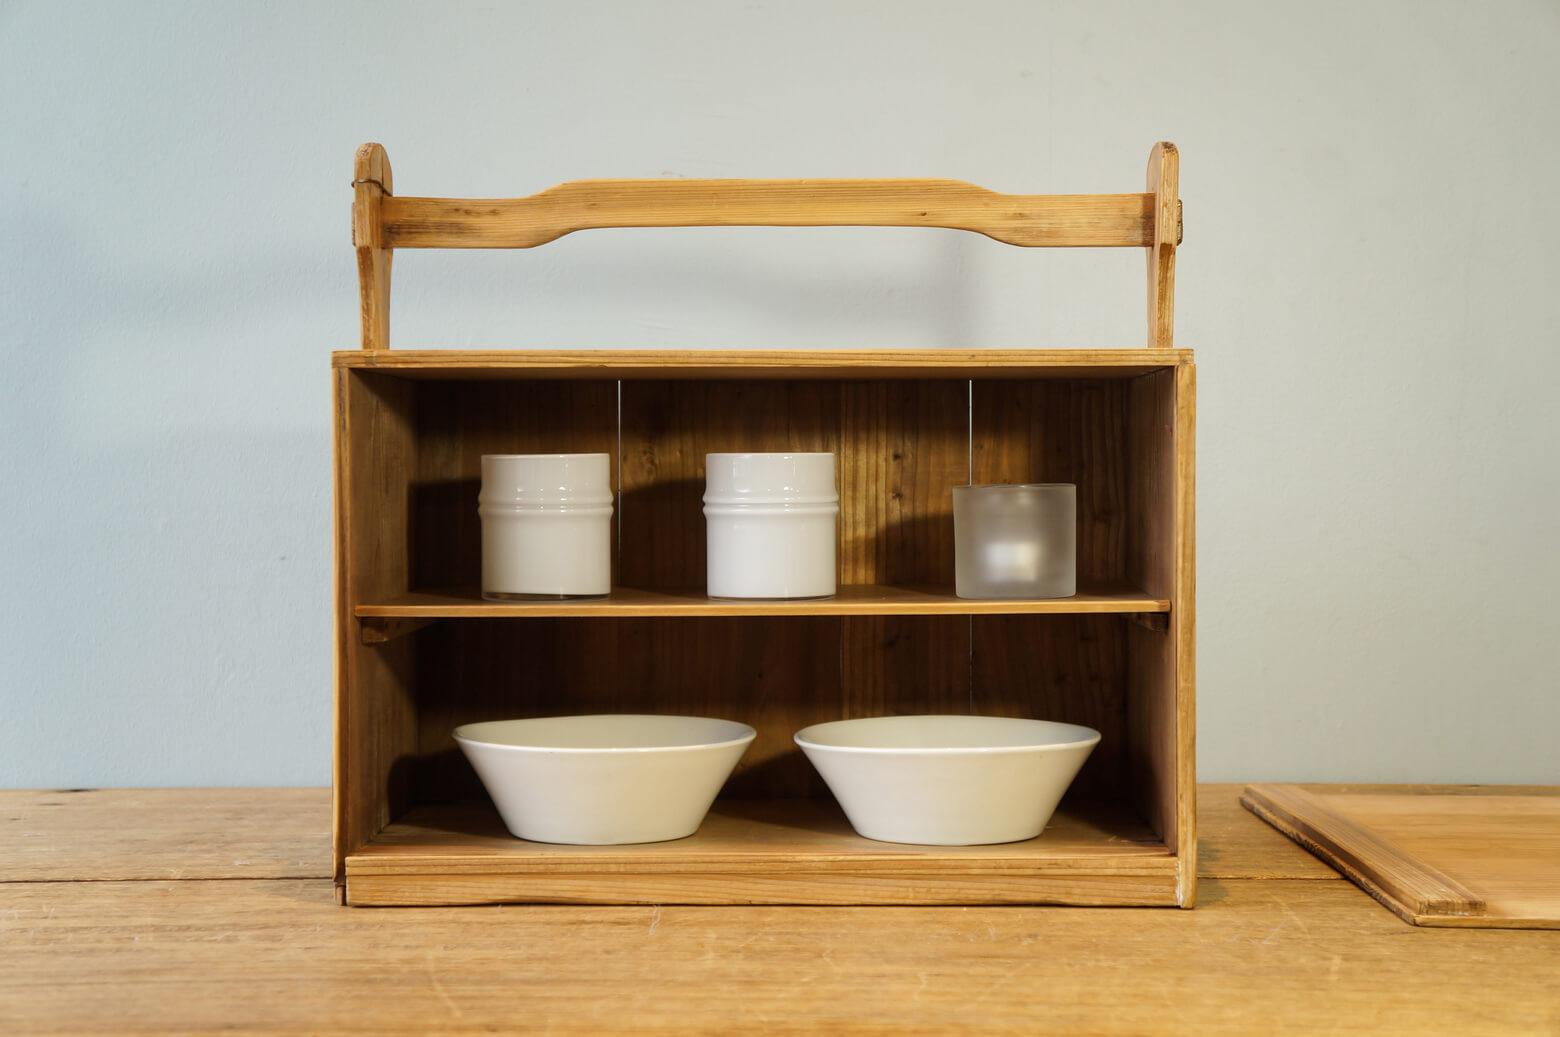 Japan Vintage Wooden Carrying Box OKAMOCHI/ジャパン ヴィンテージ おかもち レトロインテリア 1